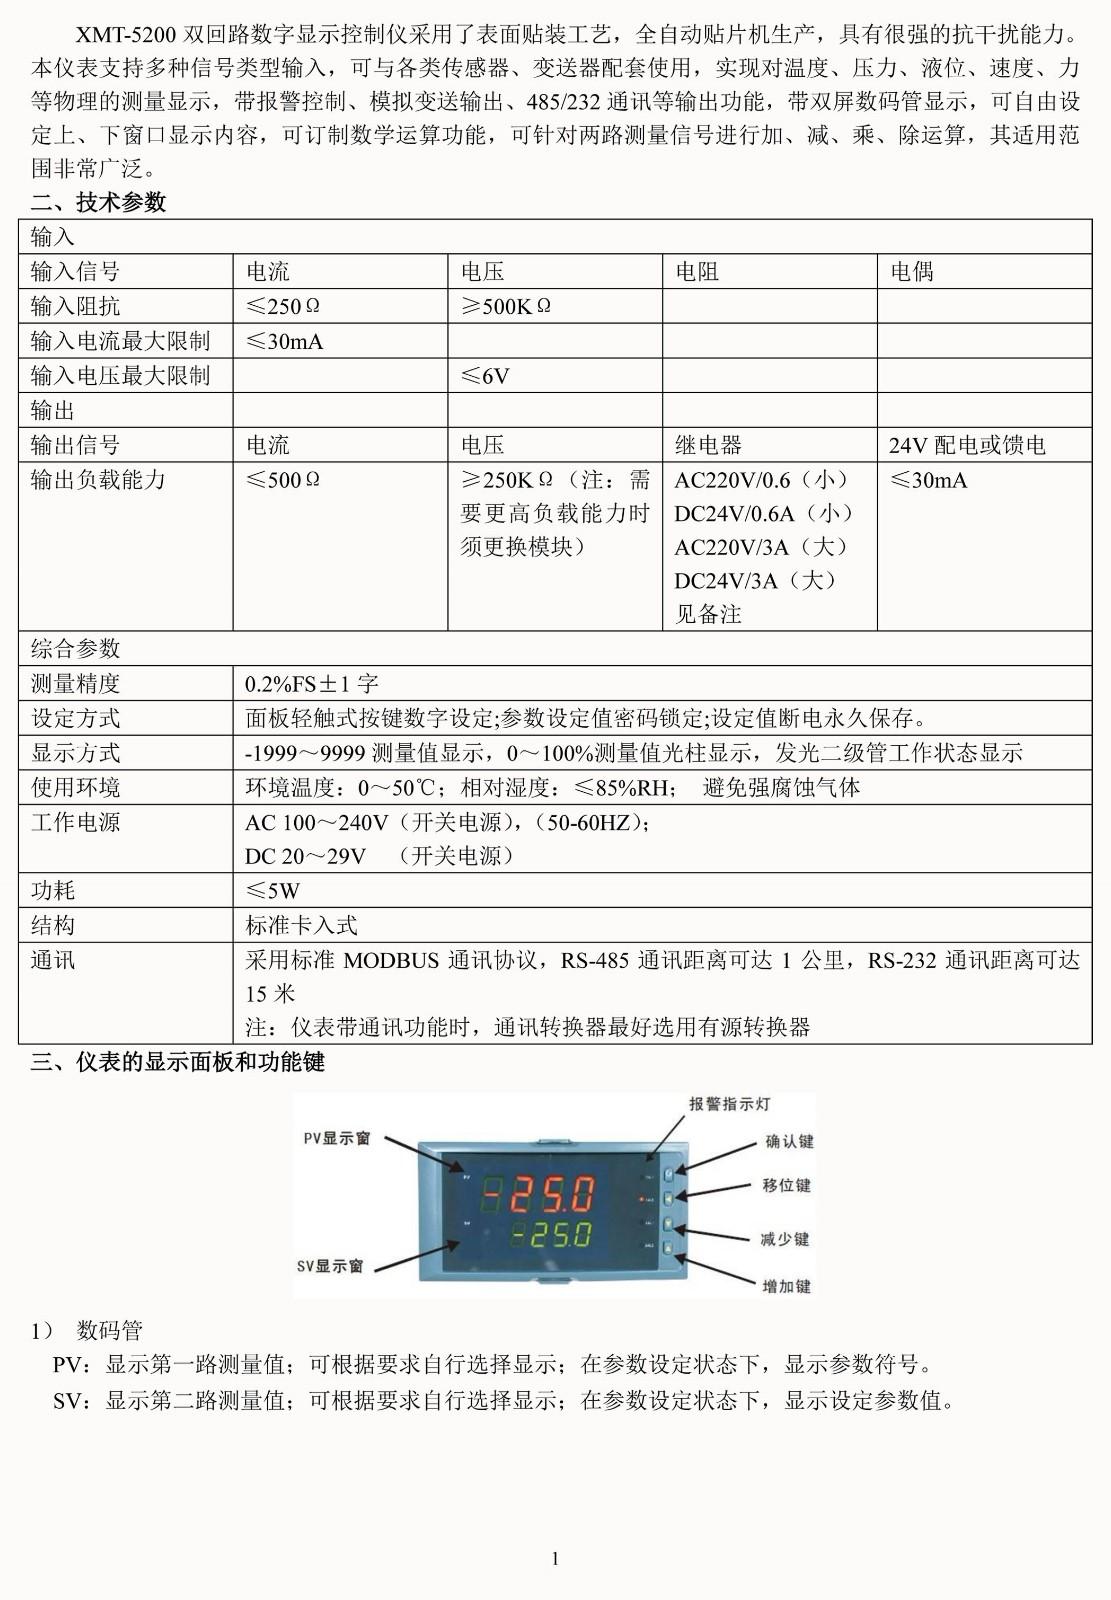 5200双回路测量显示控制仪(中性)改-1.jpg